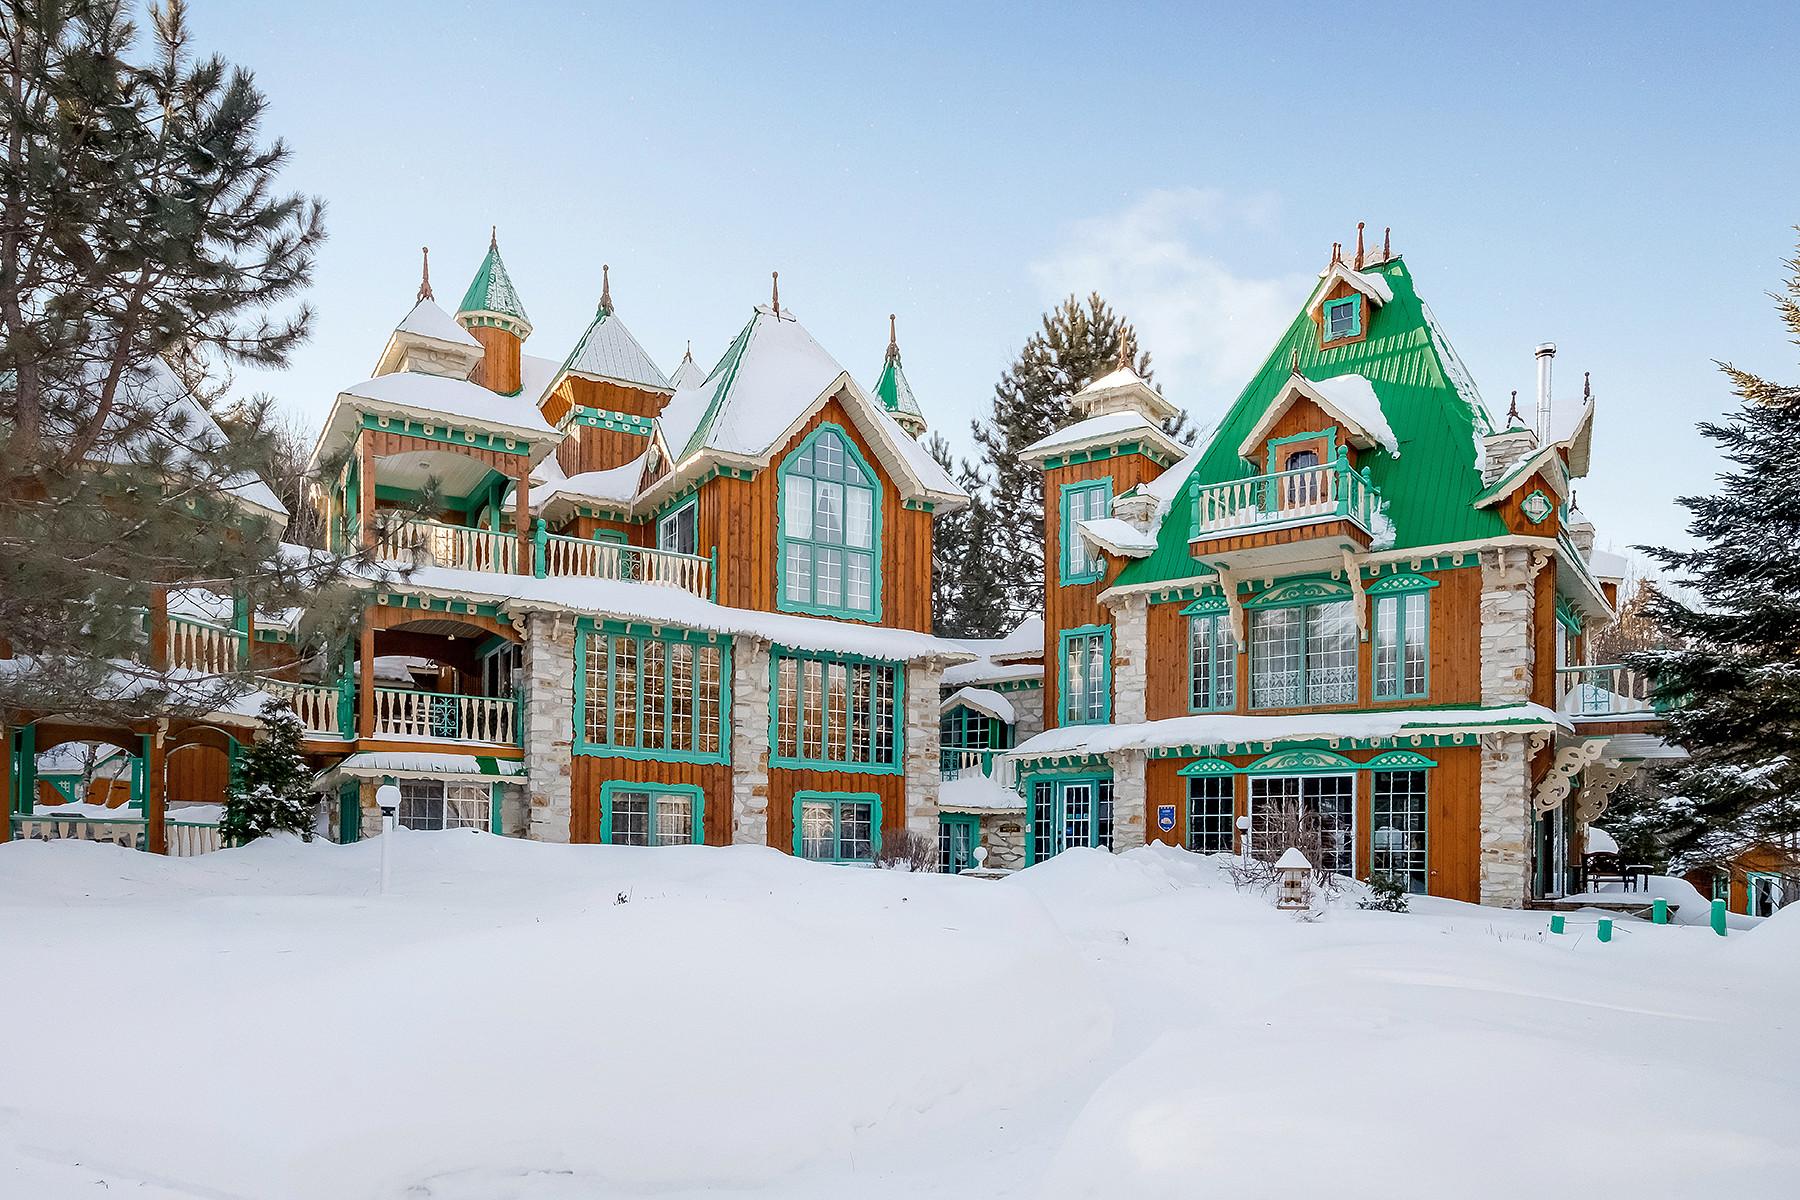 Single Family Home for Sale at Saint-Alexis-des-Monts, Mauricie 1128 Rg Sacacomie, Saint-Alexis-Des-Monts, Quebec, J0K1V0 Canada